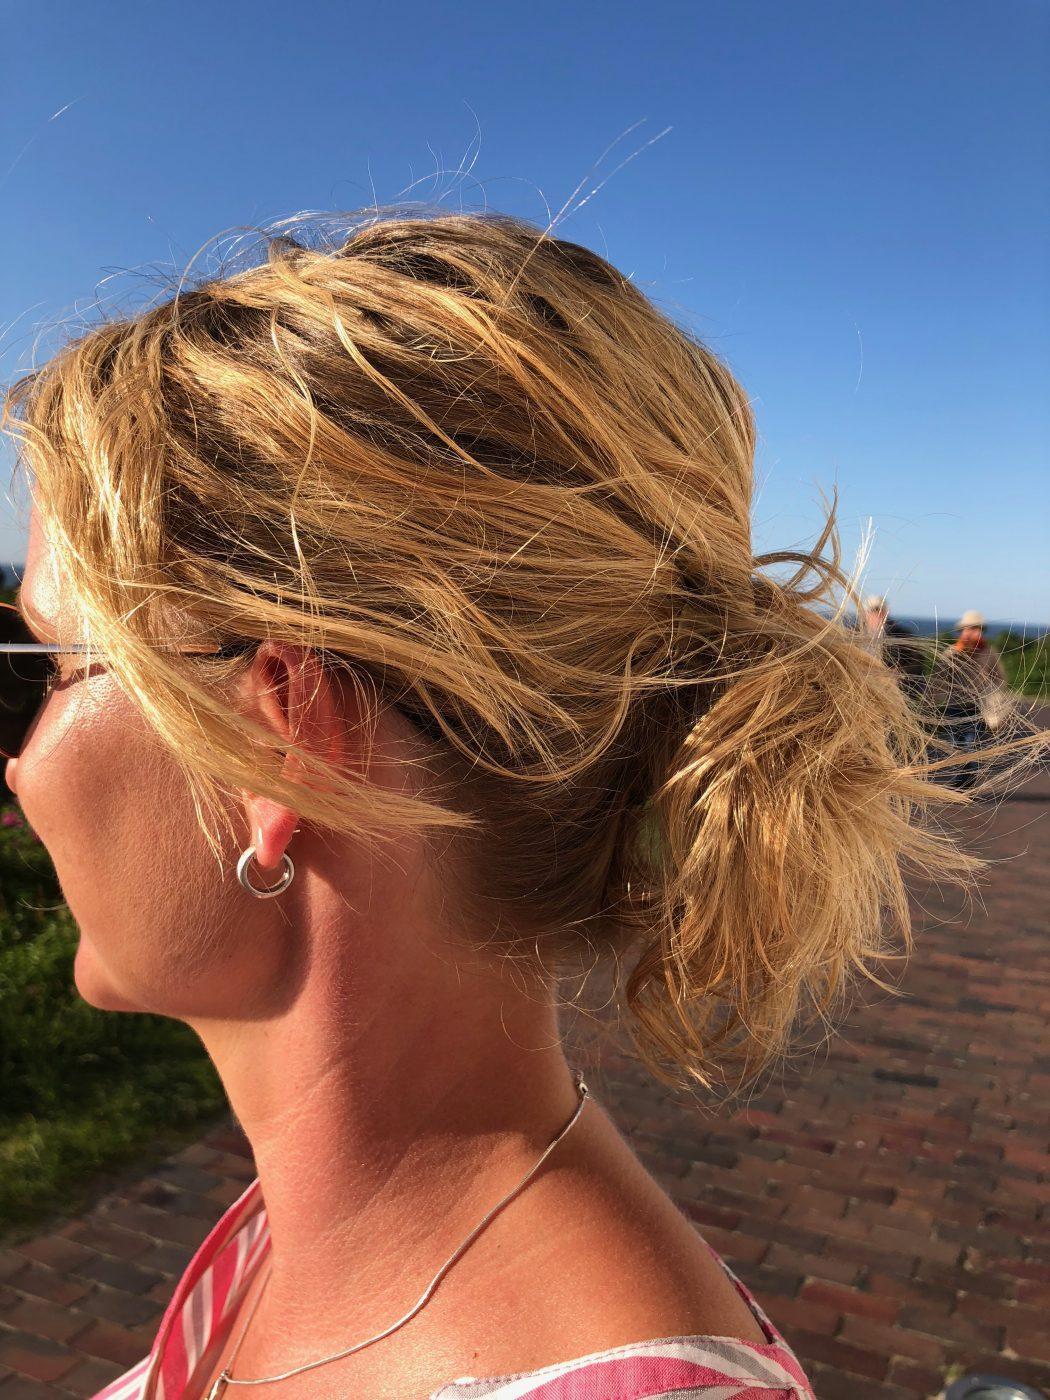 Körpersprache der Frau - 5 Signale, dass sie auf dich steht - Männlichkeit stärken